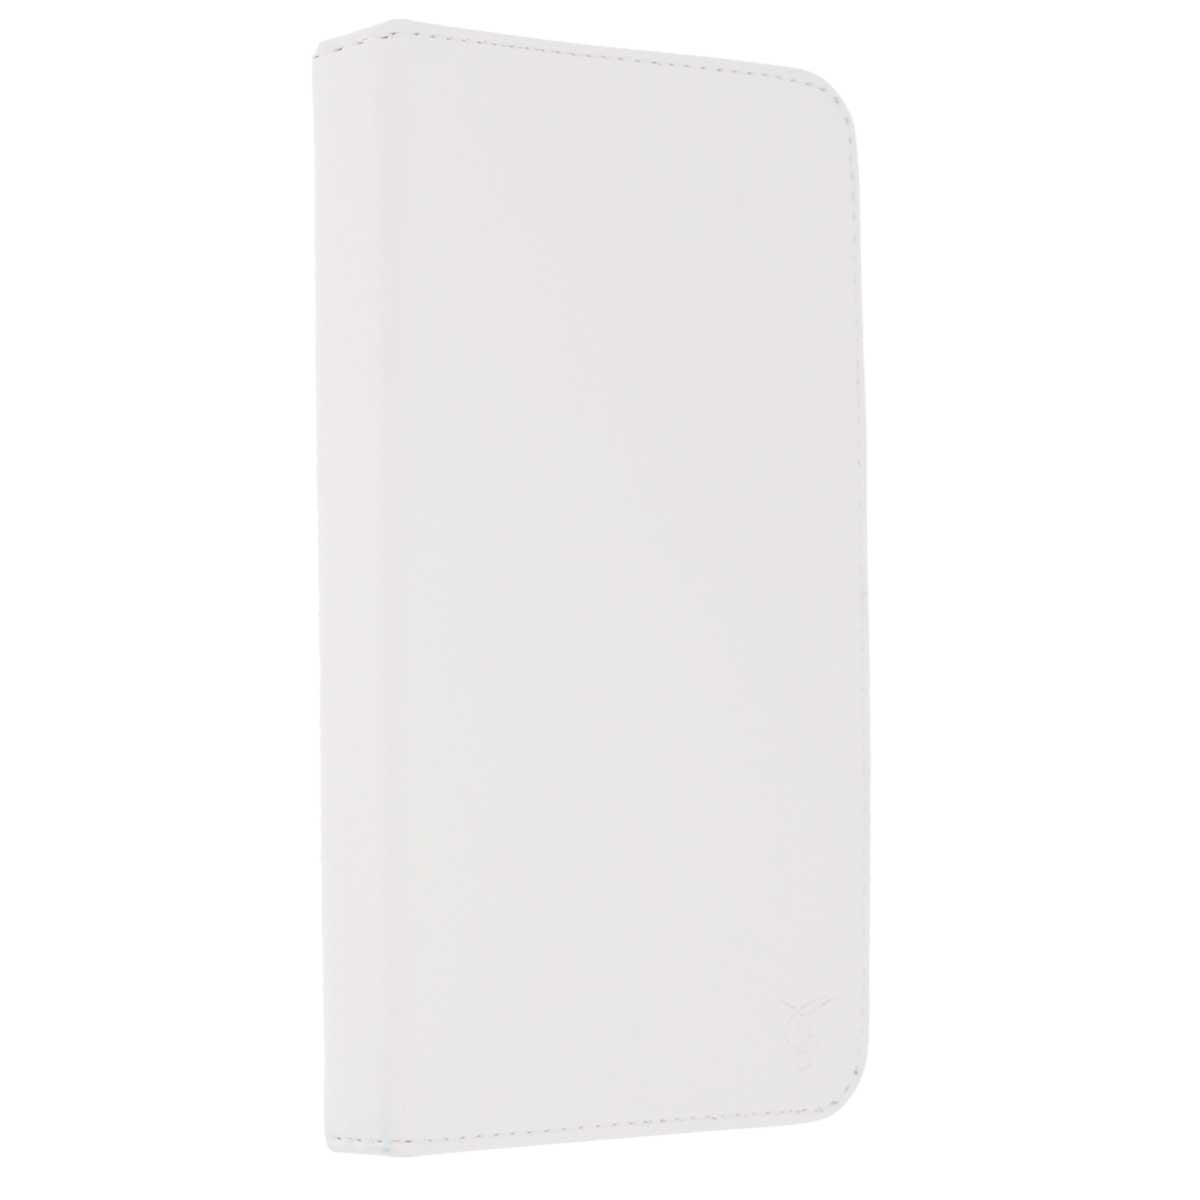 Vivacase Basic чехол для Asus MeMO Pad 7, White (VAS-ASMPB05-w)VAS-ASMPB05-wЧехол Vivacase Basic для Asus MeMO Pad 7 предназначен для защиты вашего устройства от механических повреждений и влаги. Крепление позволяет надежно зафиксировать девайс.